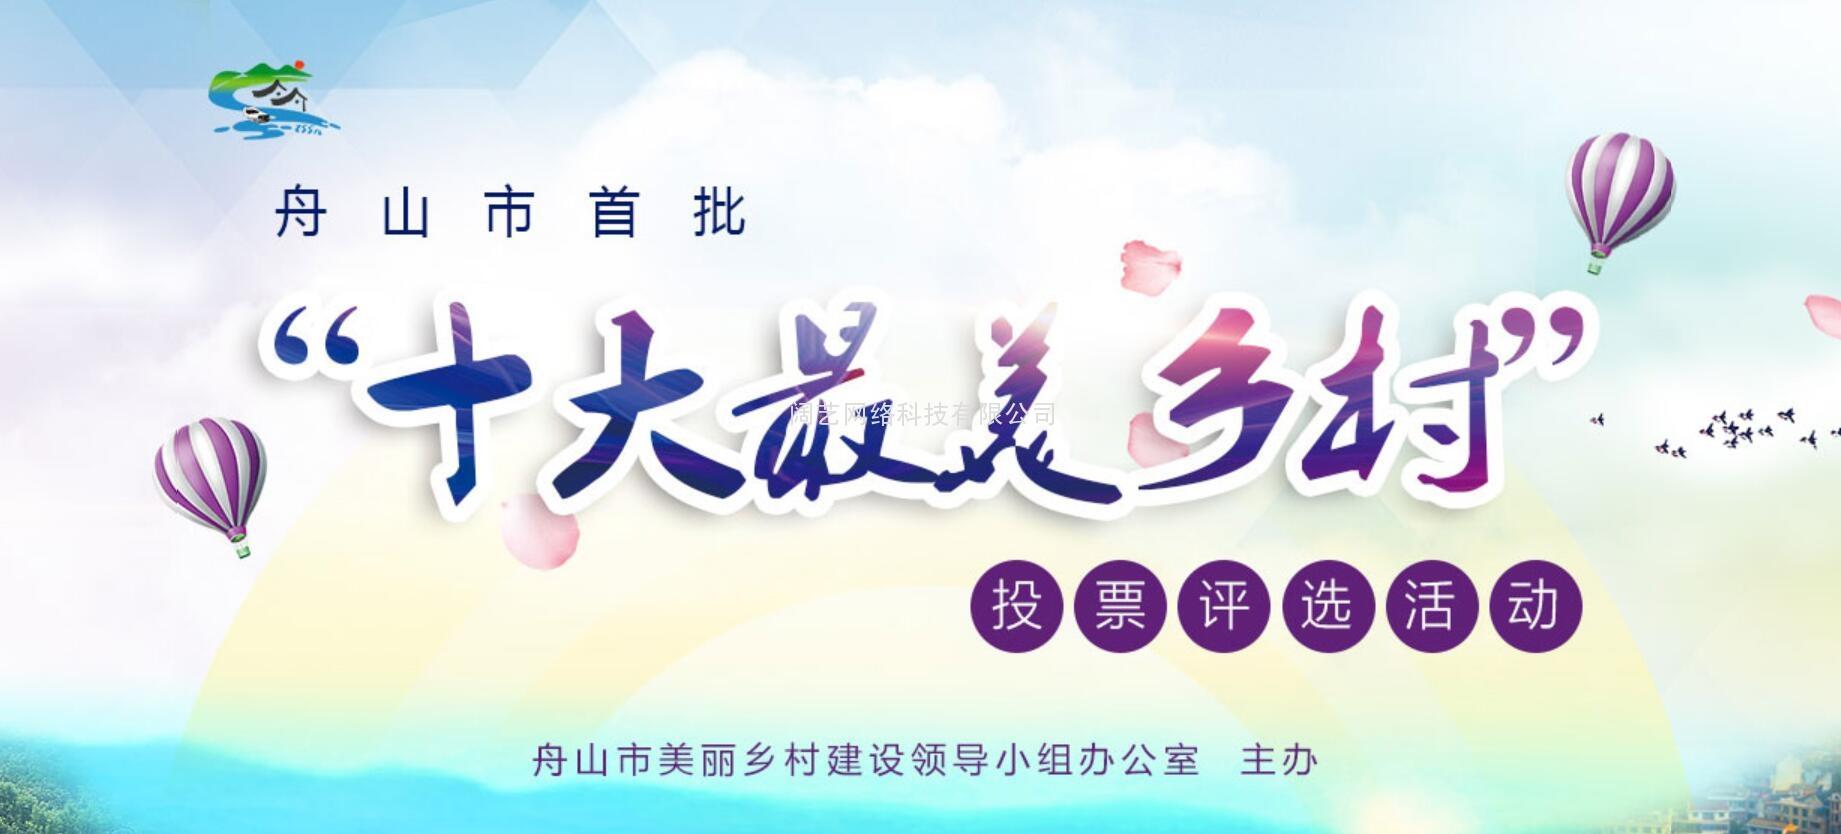 舟山市首批十大最美乡村投票评选活动